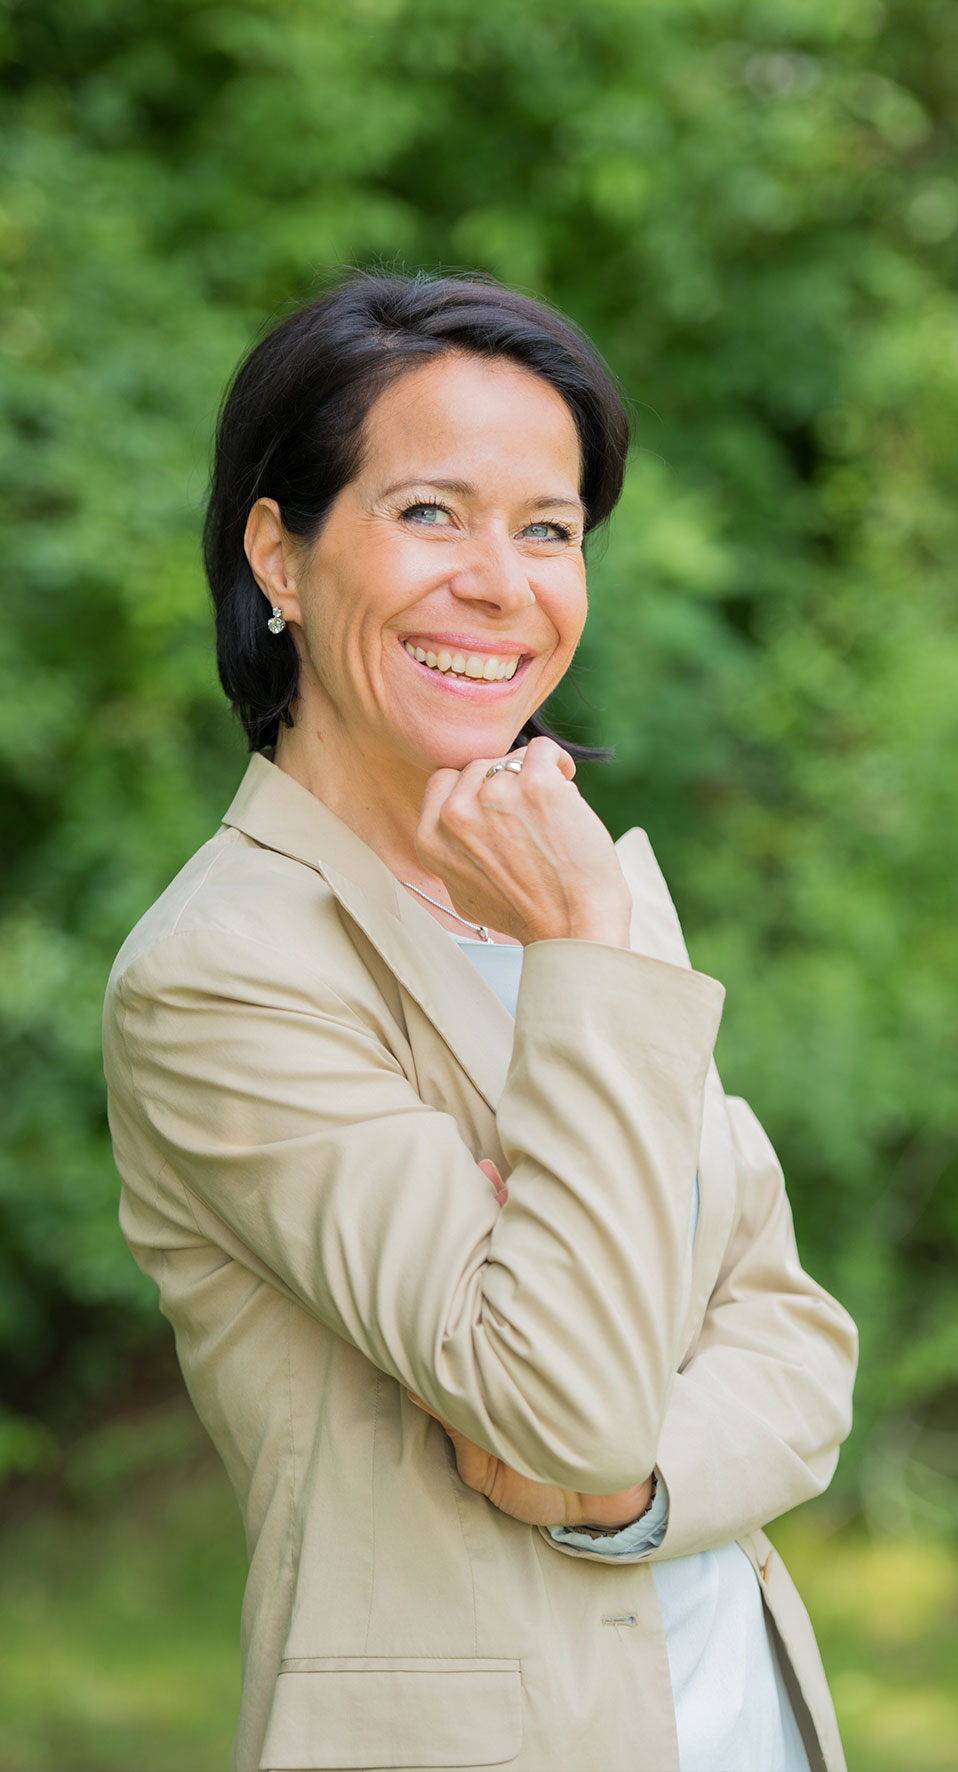 Claudia Hainlen, MSc